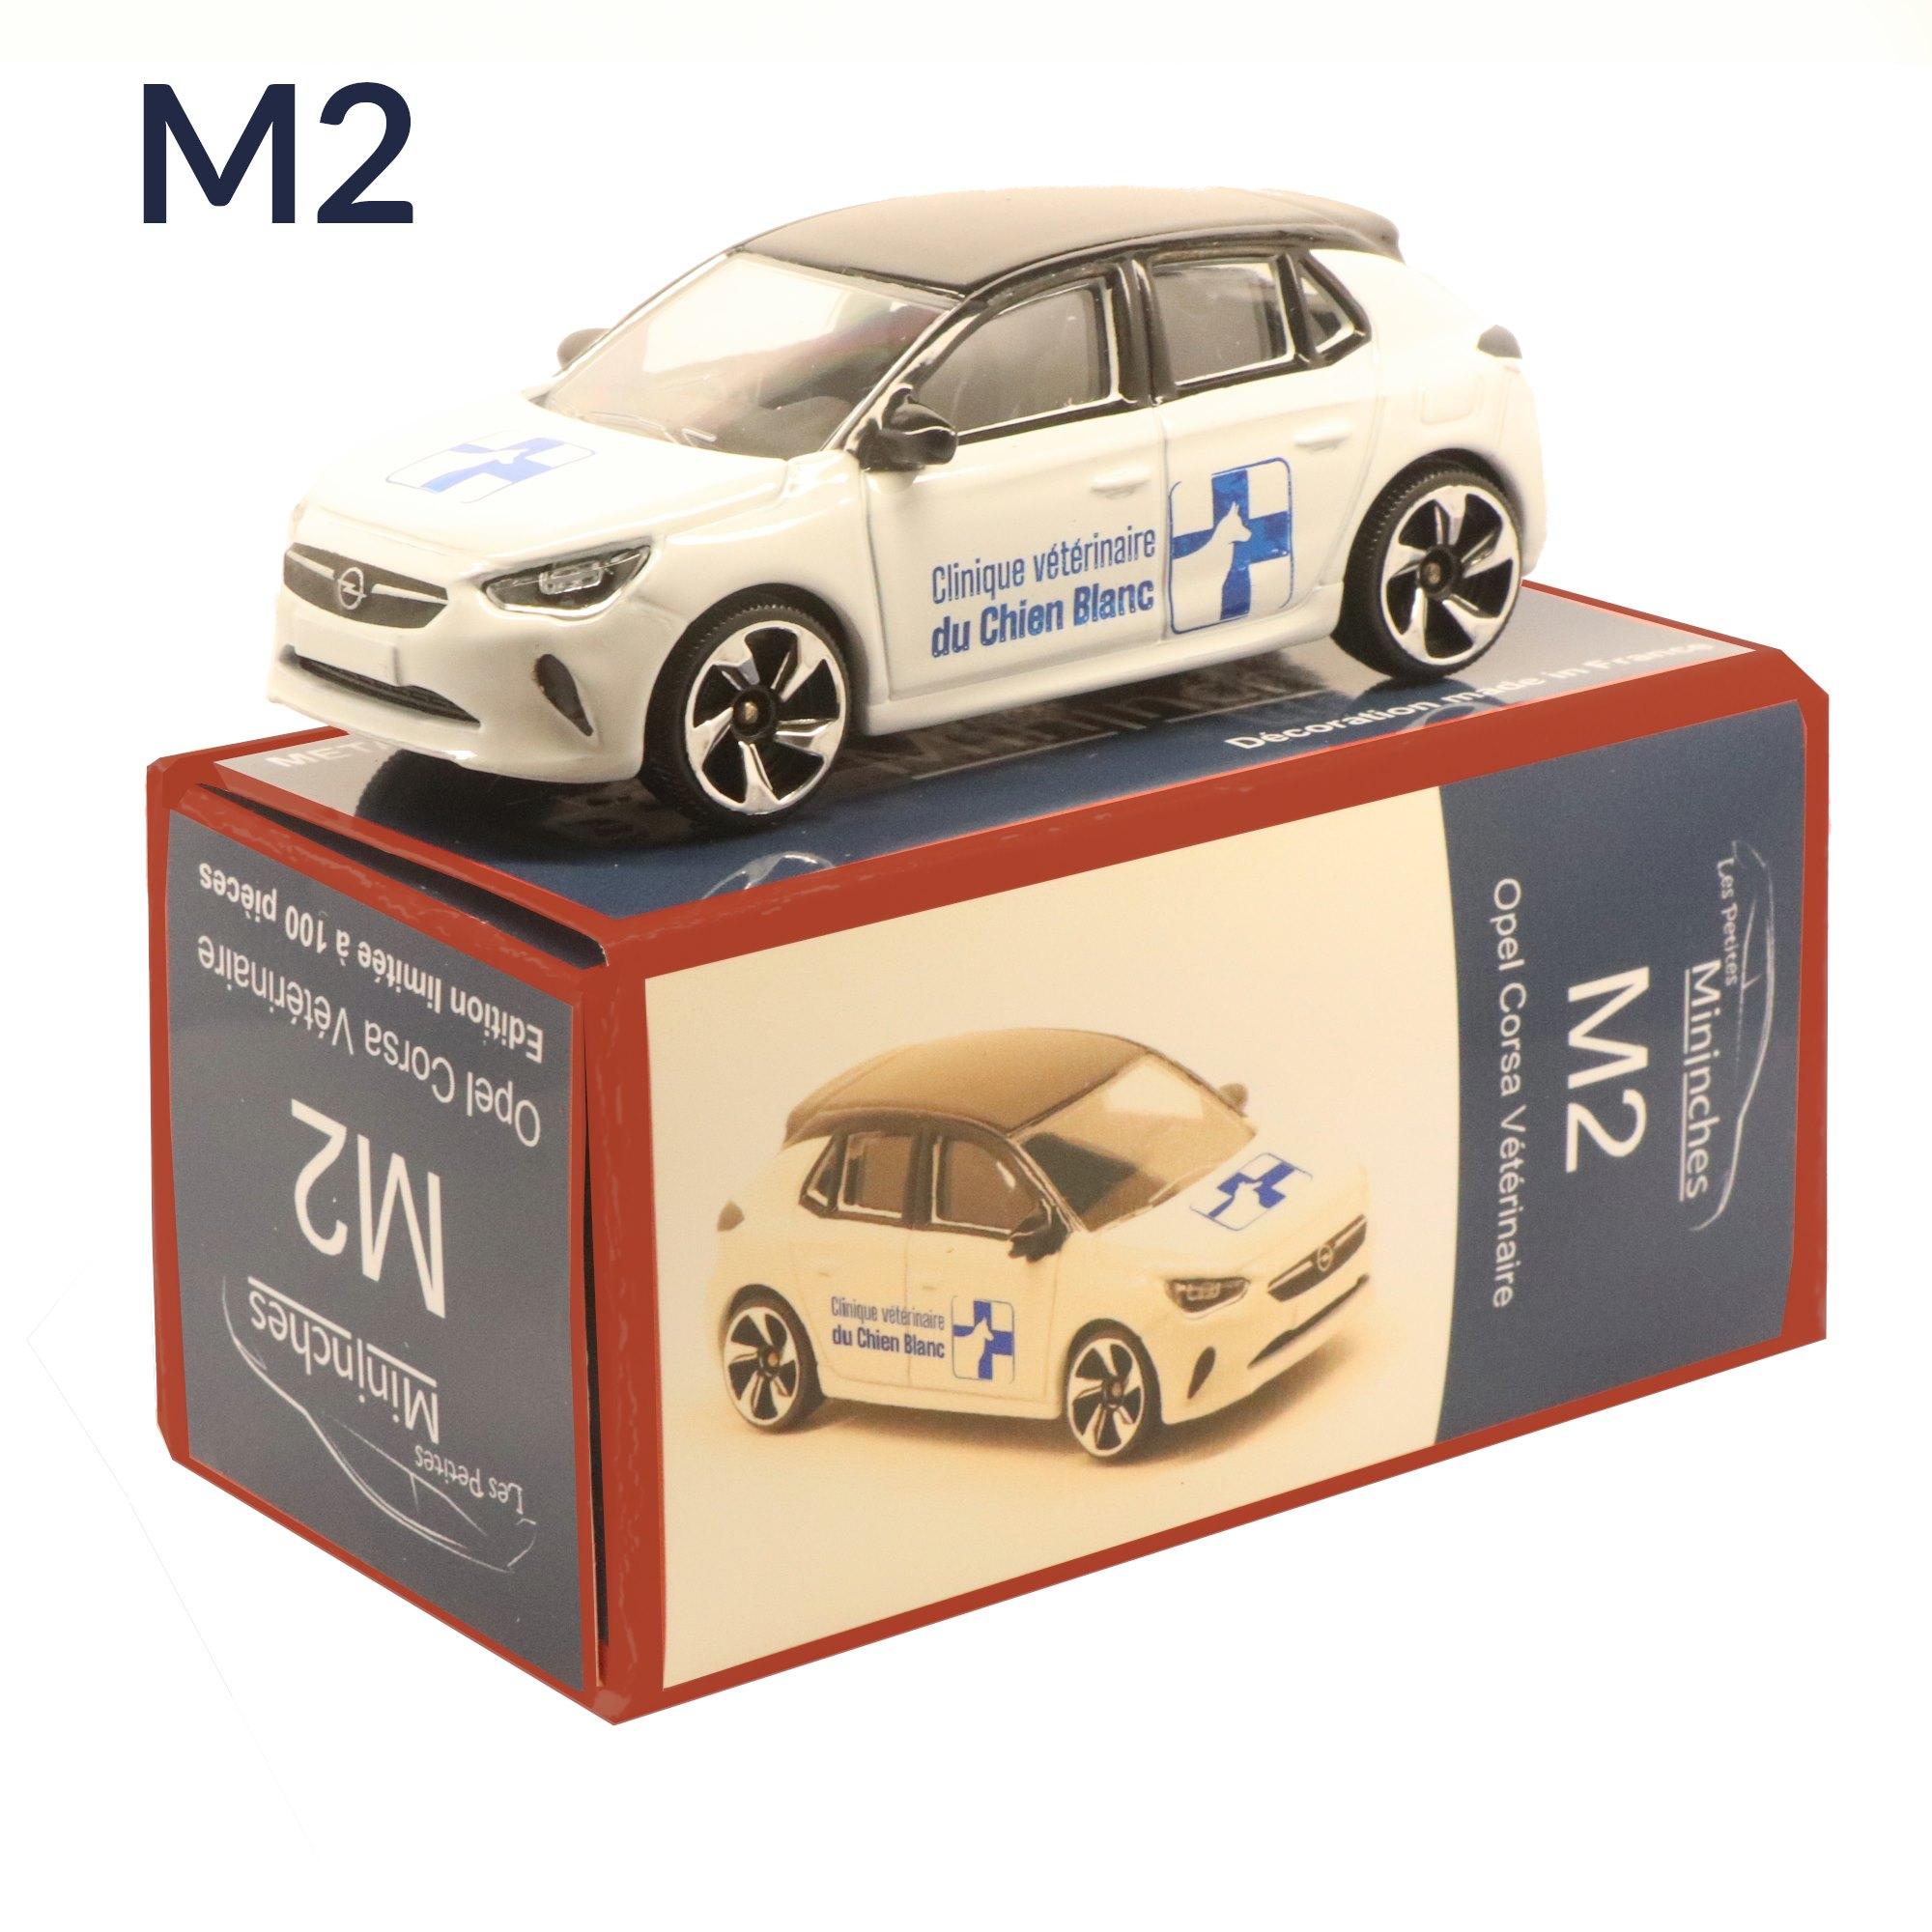 M2 Opel Corsa Vétérinaire Les Petites Mininches